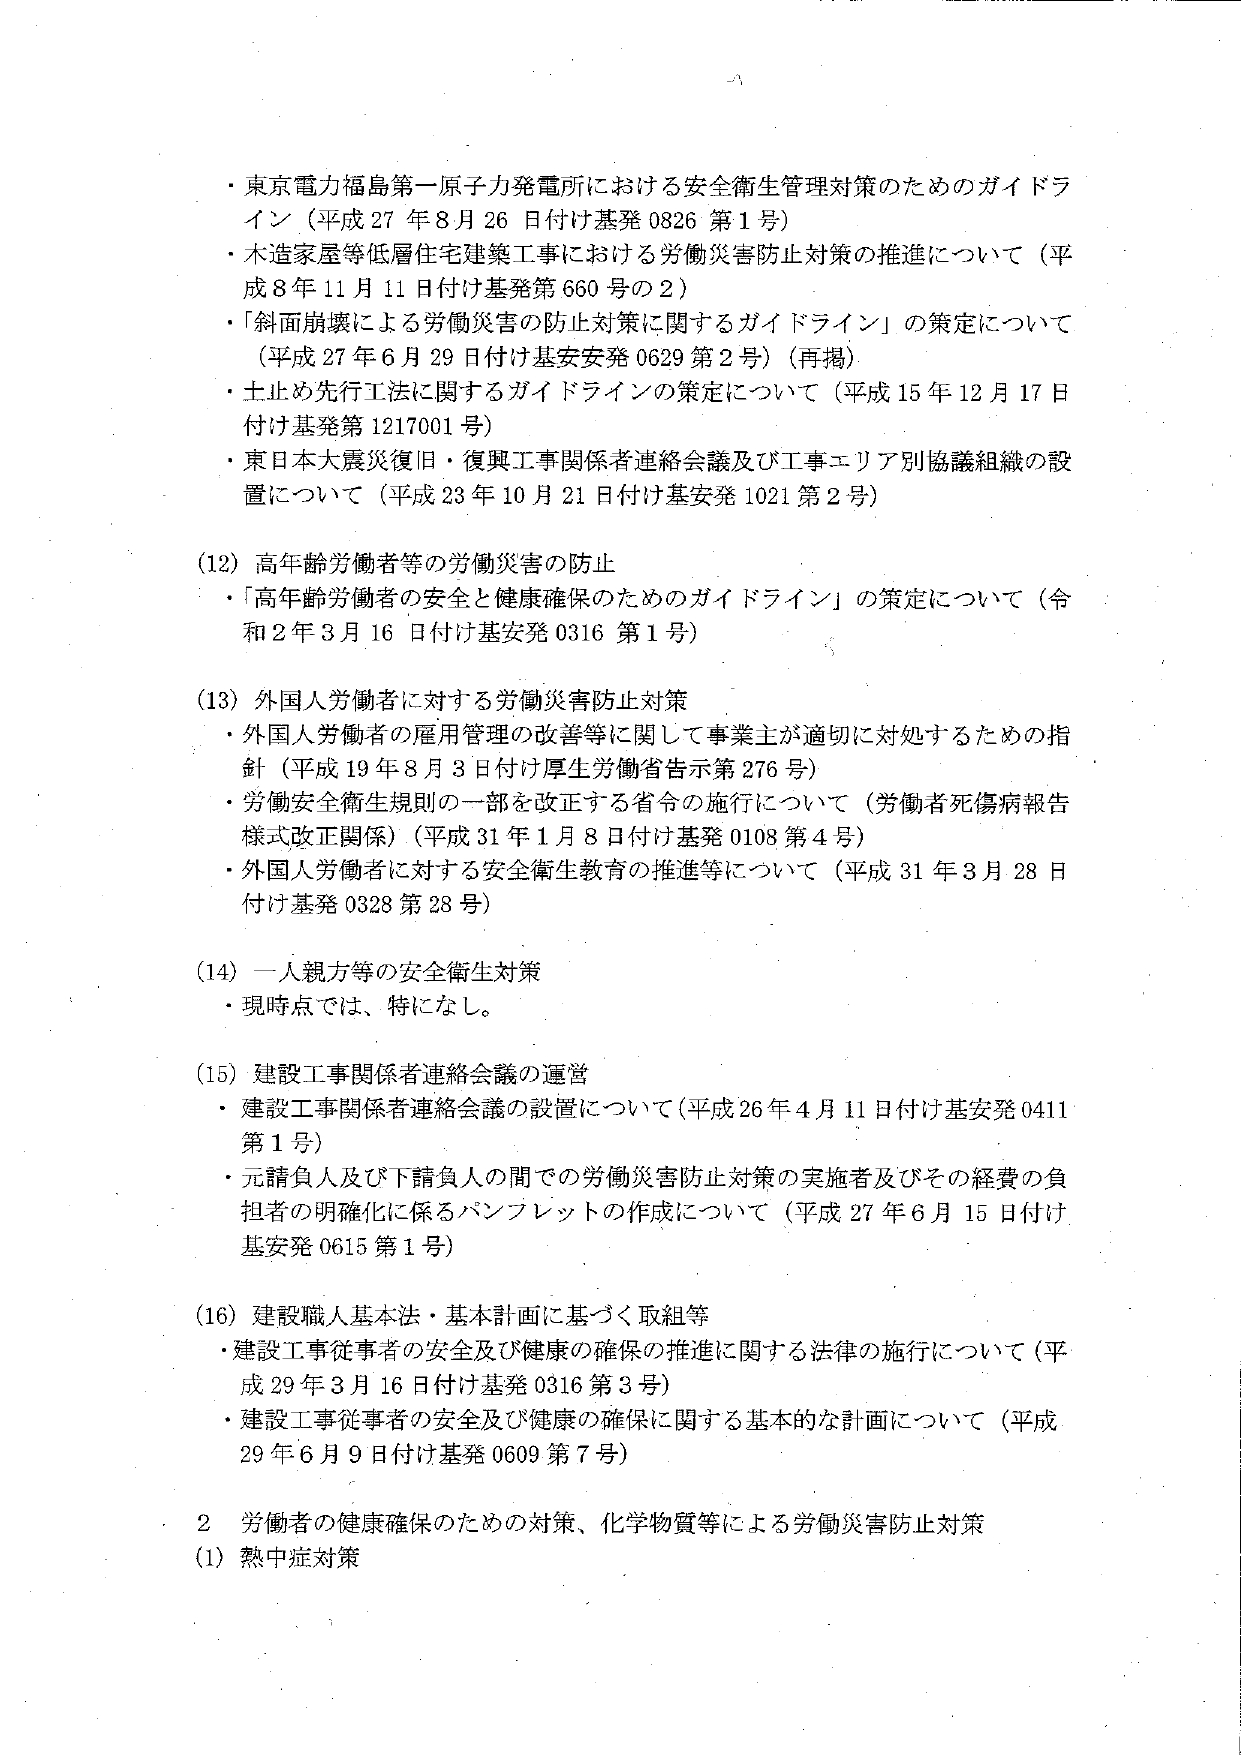 令和2年度における建設業の安全衛生対策の推進について(要請)_page-0011